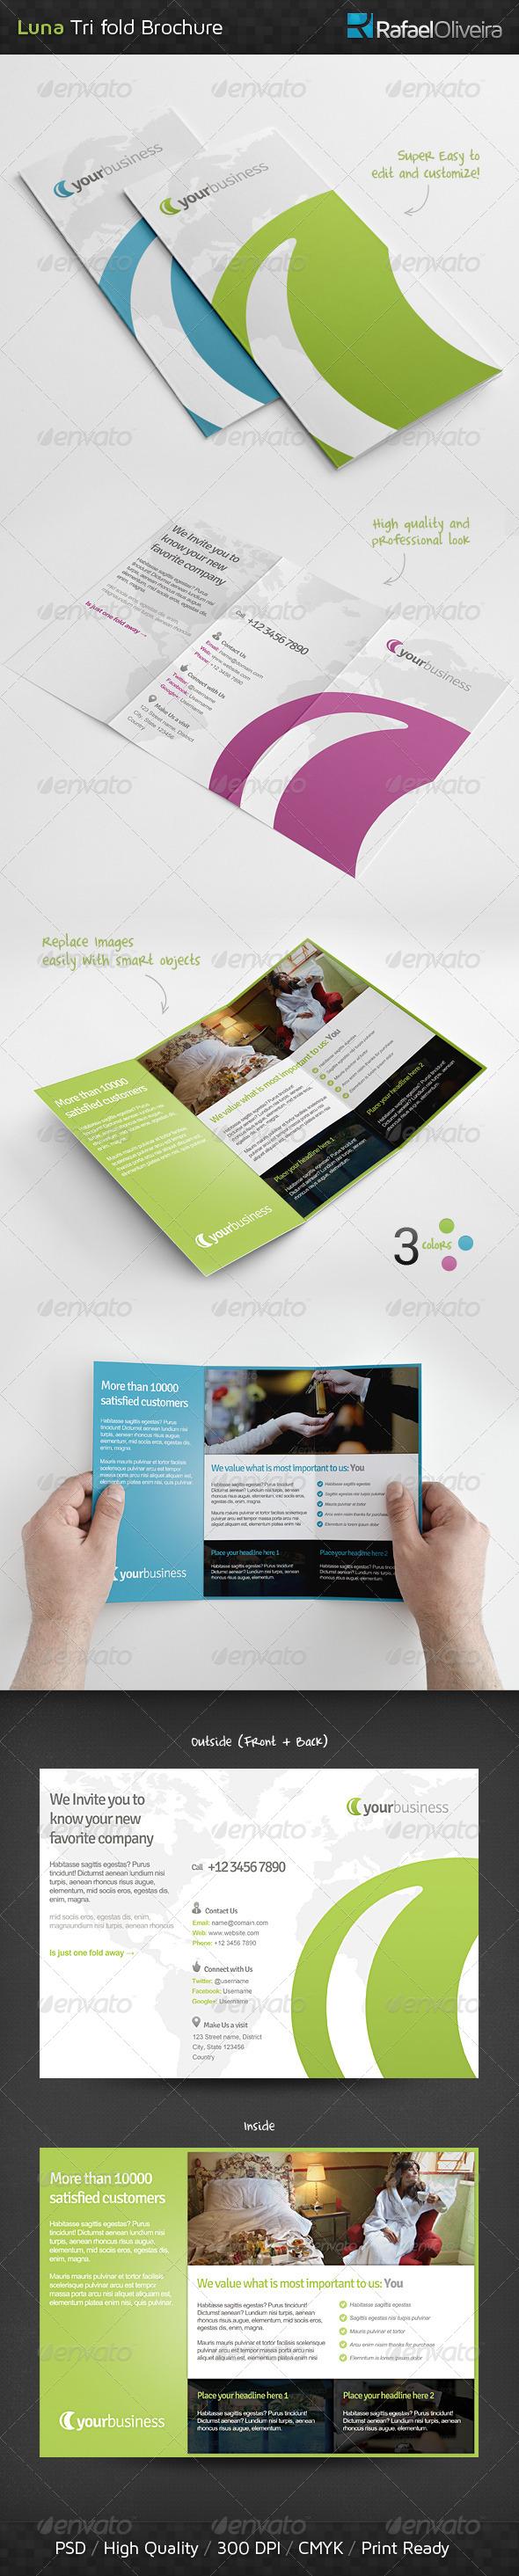 GraphicRiver Luna Tri Fold Brochure 4682146